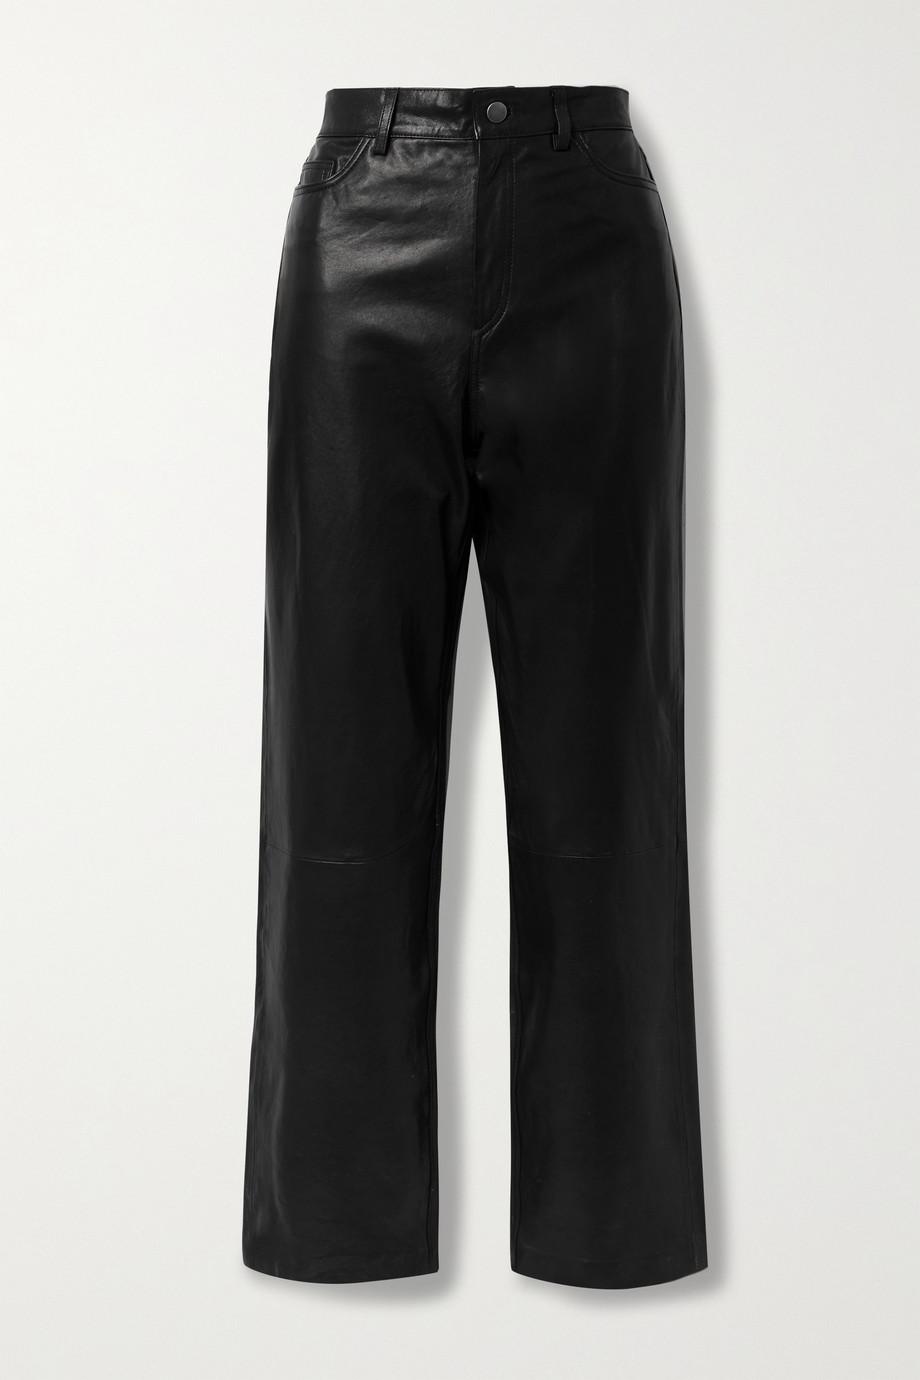 Envelope1976 Pantalon droit en cuir City